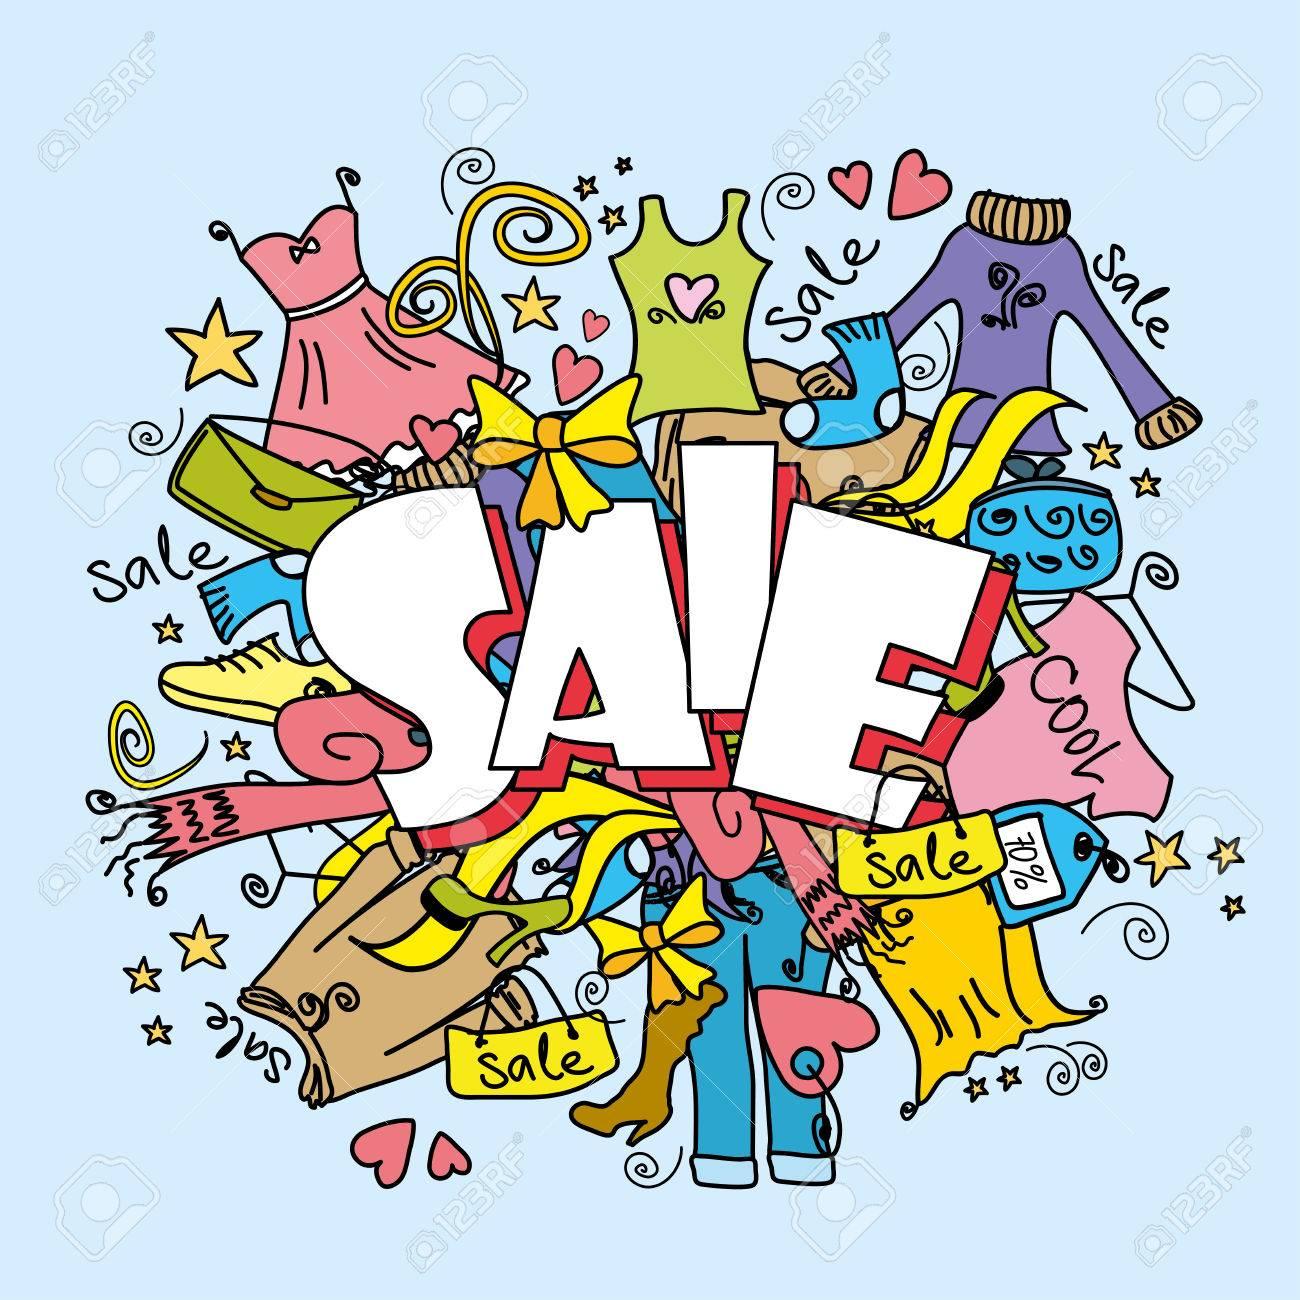 87ca4407a Fondo de compras de la venta de moda, ropa y accesorios, ilustración  vectorial